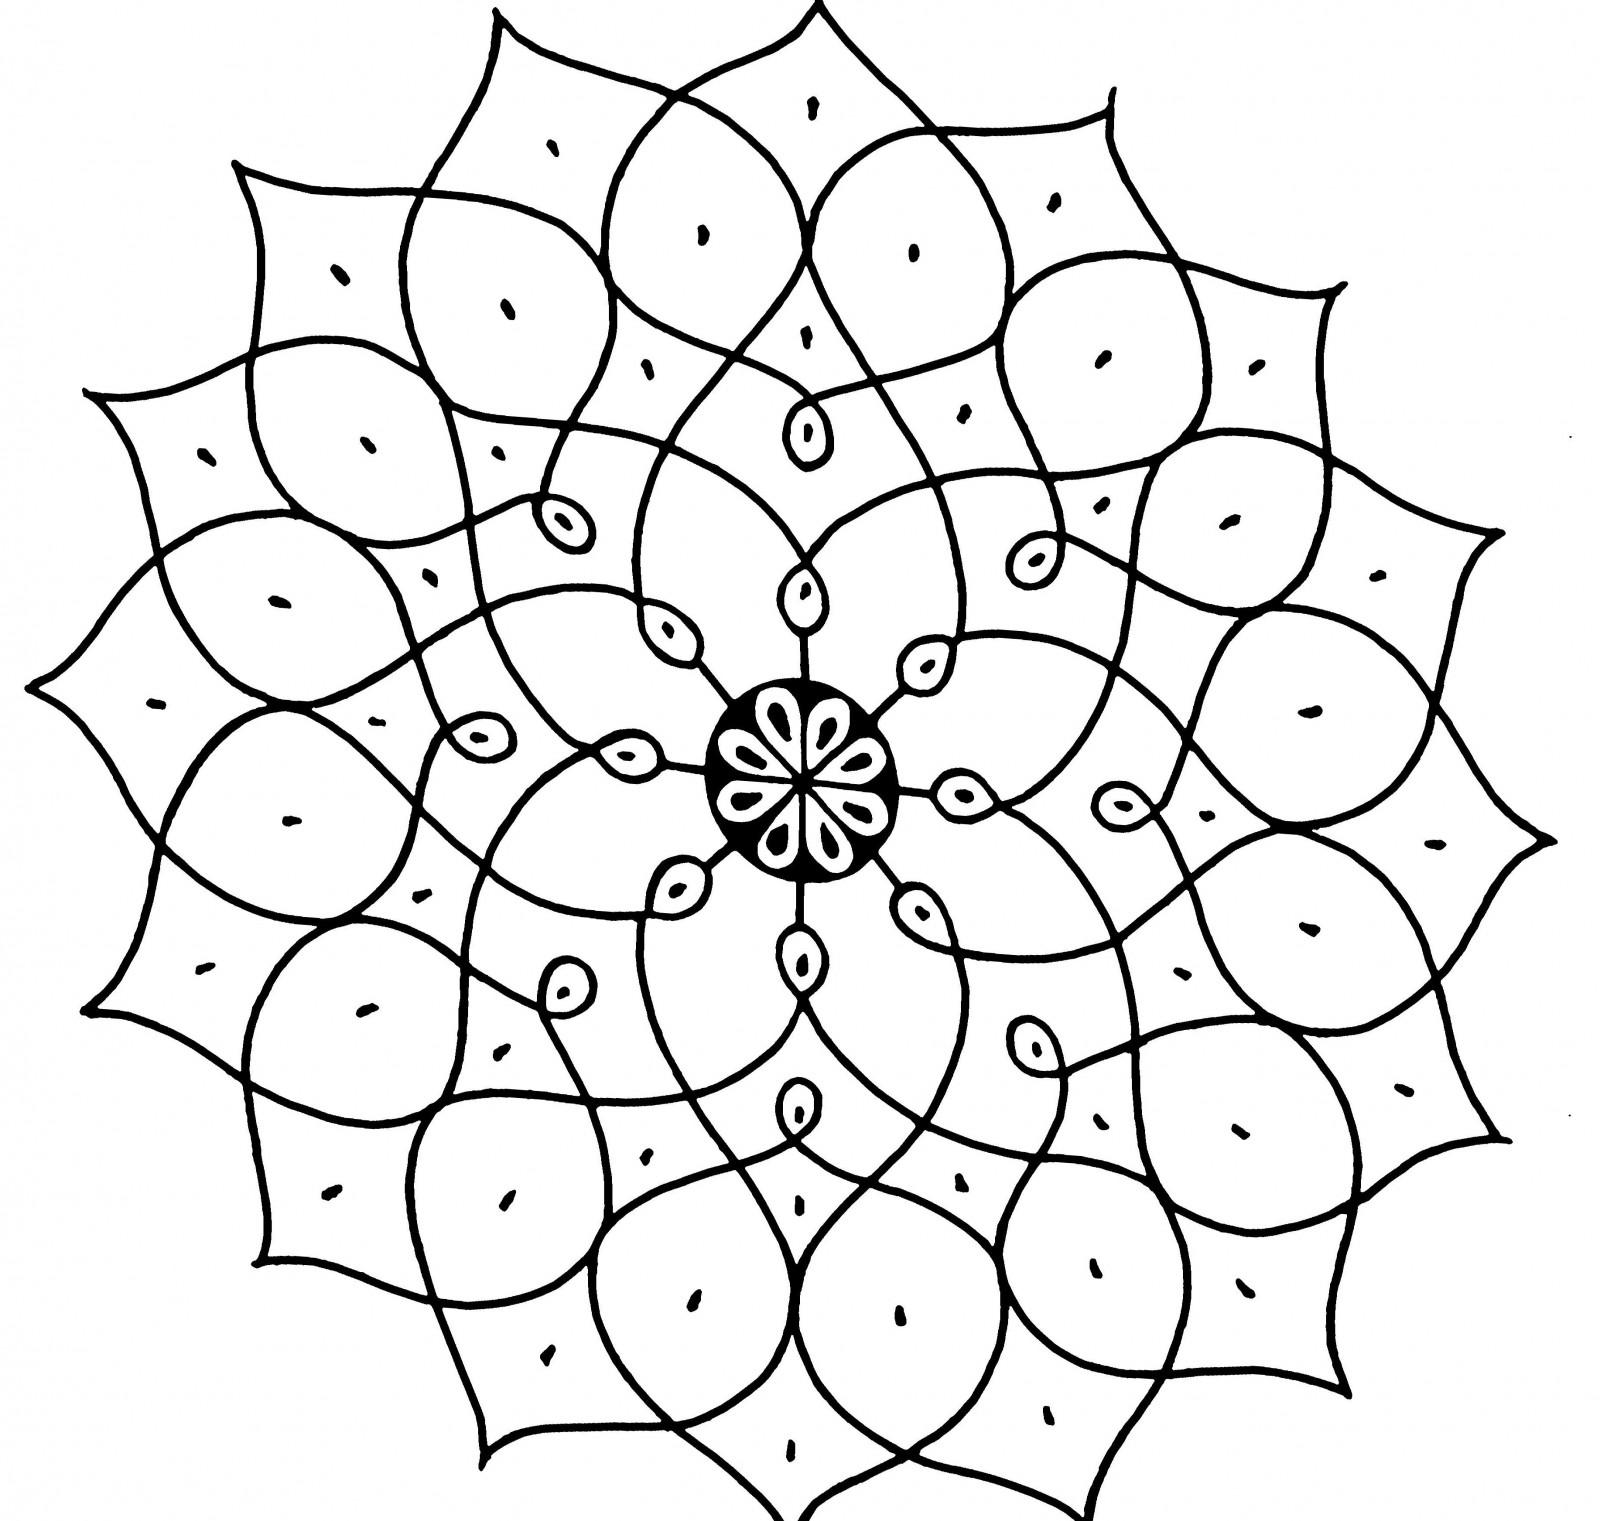 Tapety Vykres Cernobily Symetrie Kresba Tuzkou Kruh Skica Up